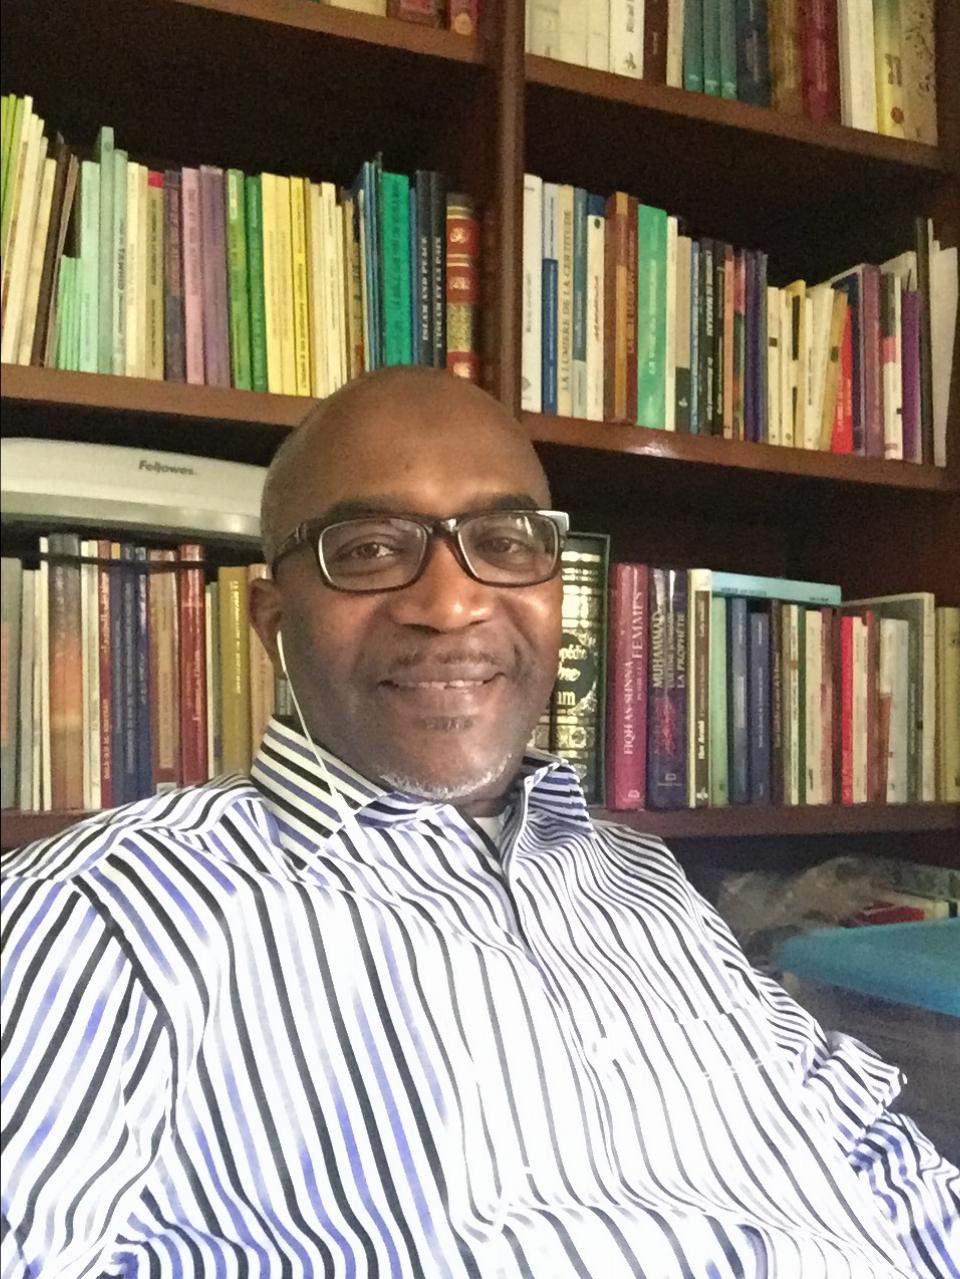 SAVEURS ET BEAUTÉS DE L'ISLAM : Clin d'œil soufi par les Nouvelles Technologies ! (par Amadou Tidiane WONE)